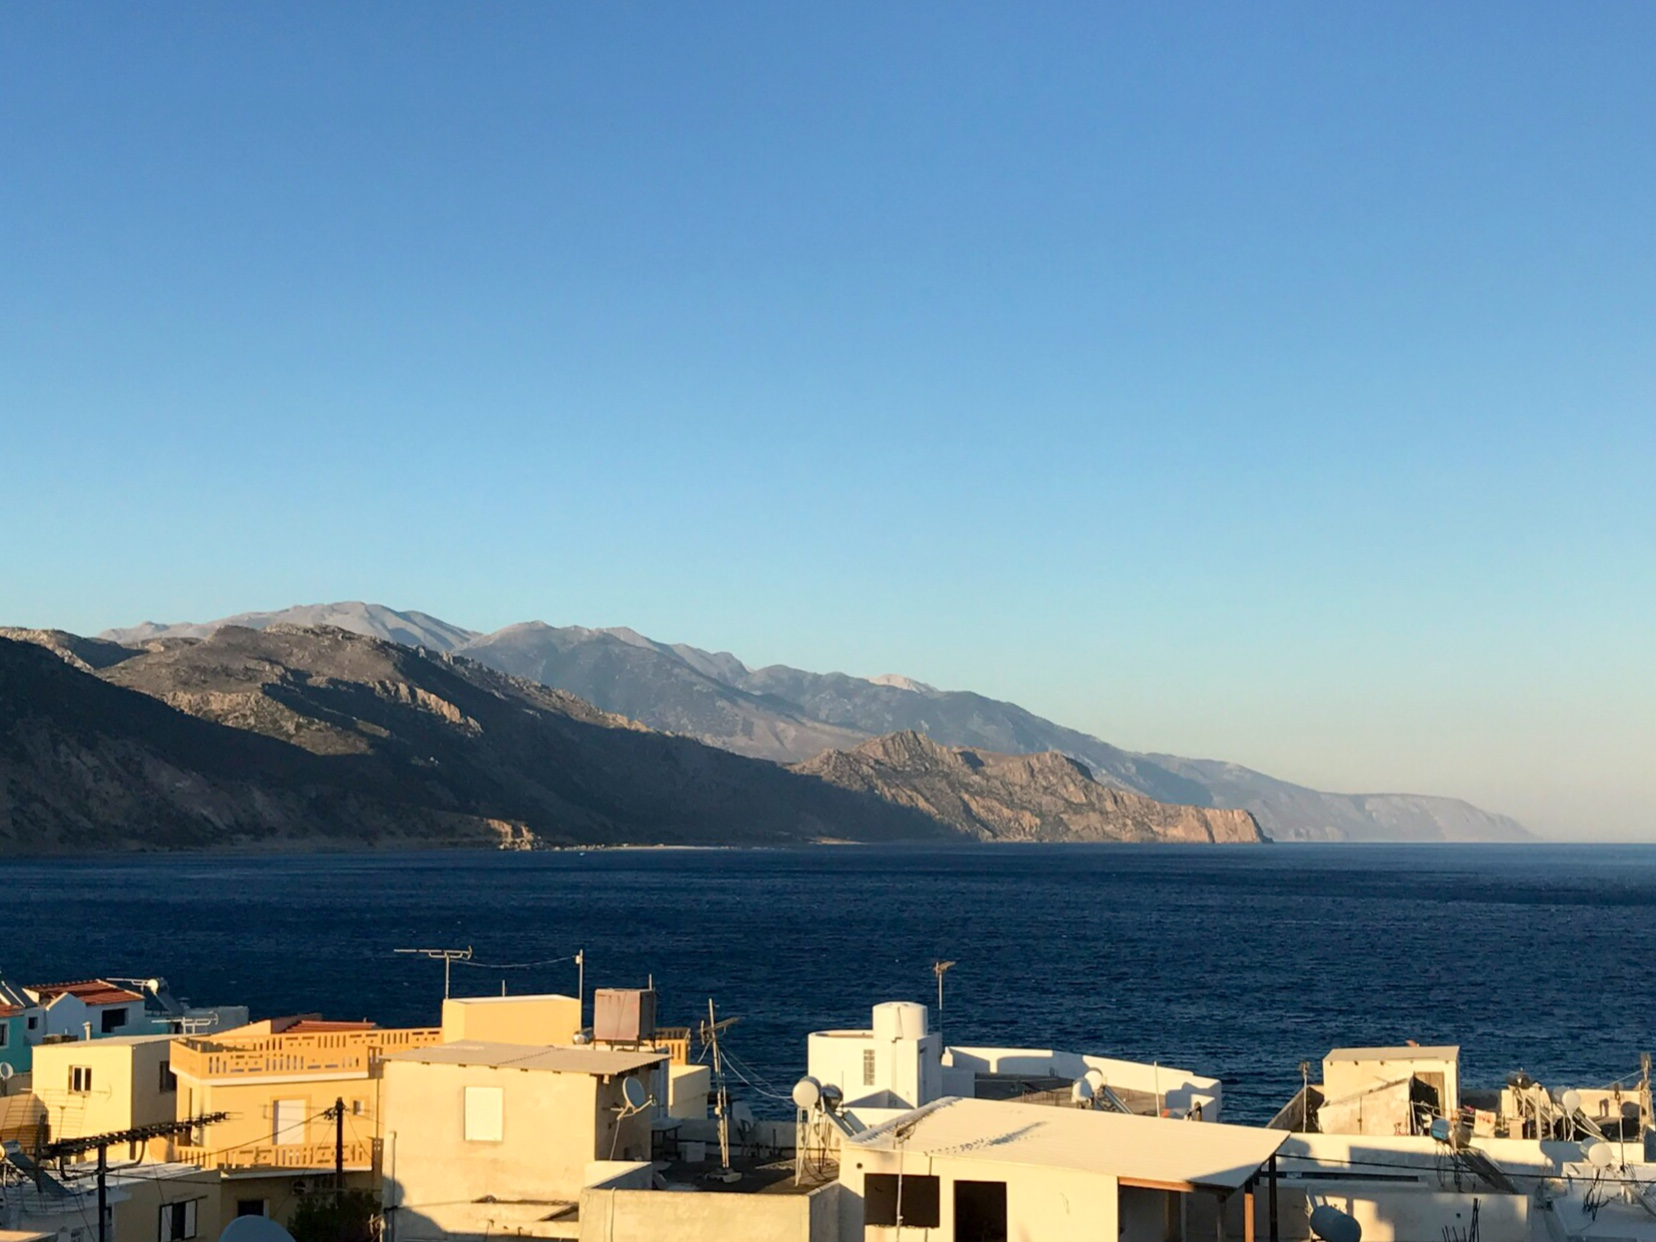 Utsikt over sjøen mot noen fjellsider i lavt sollys. Noen hustak i forgrunnen.